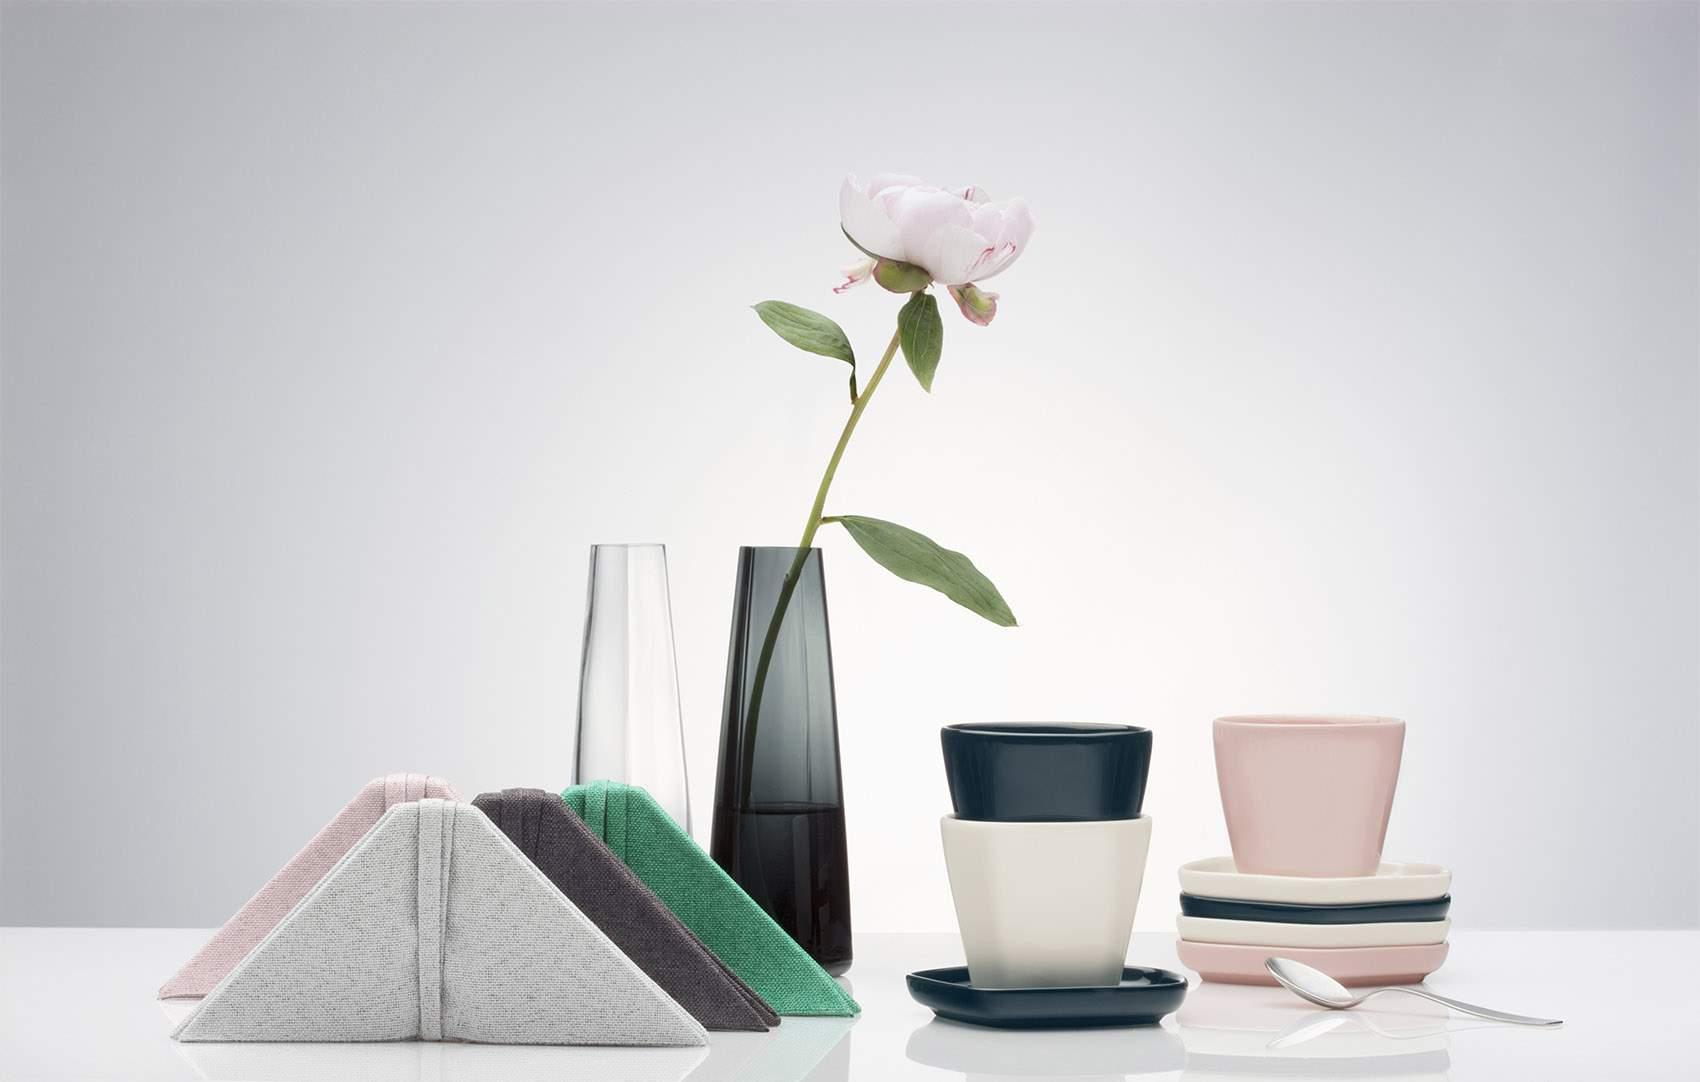 Collection Iittala x Issey Miyake